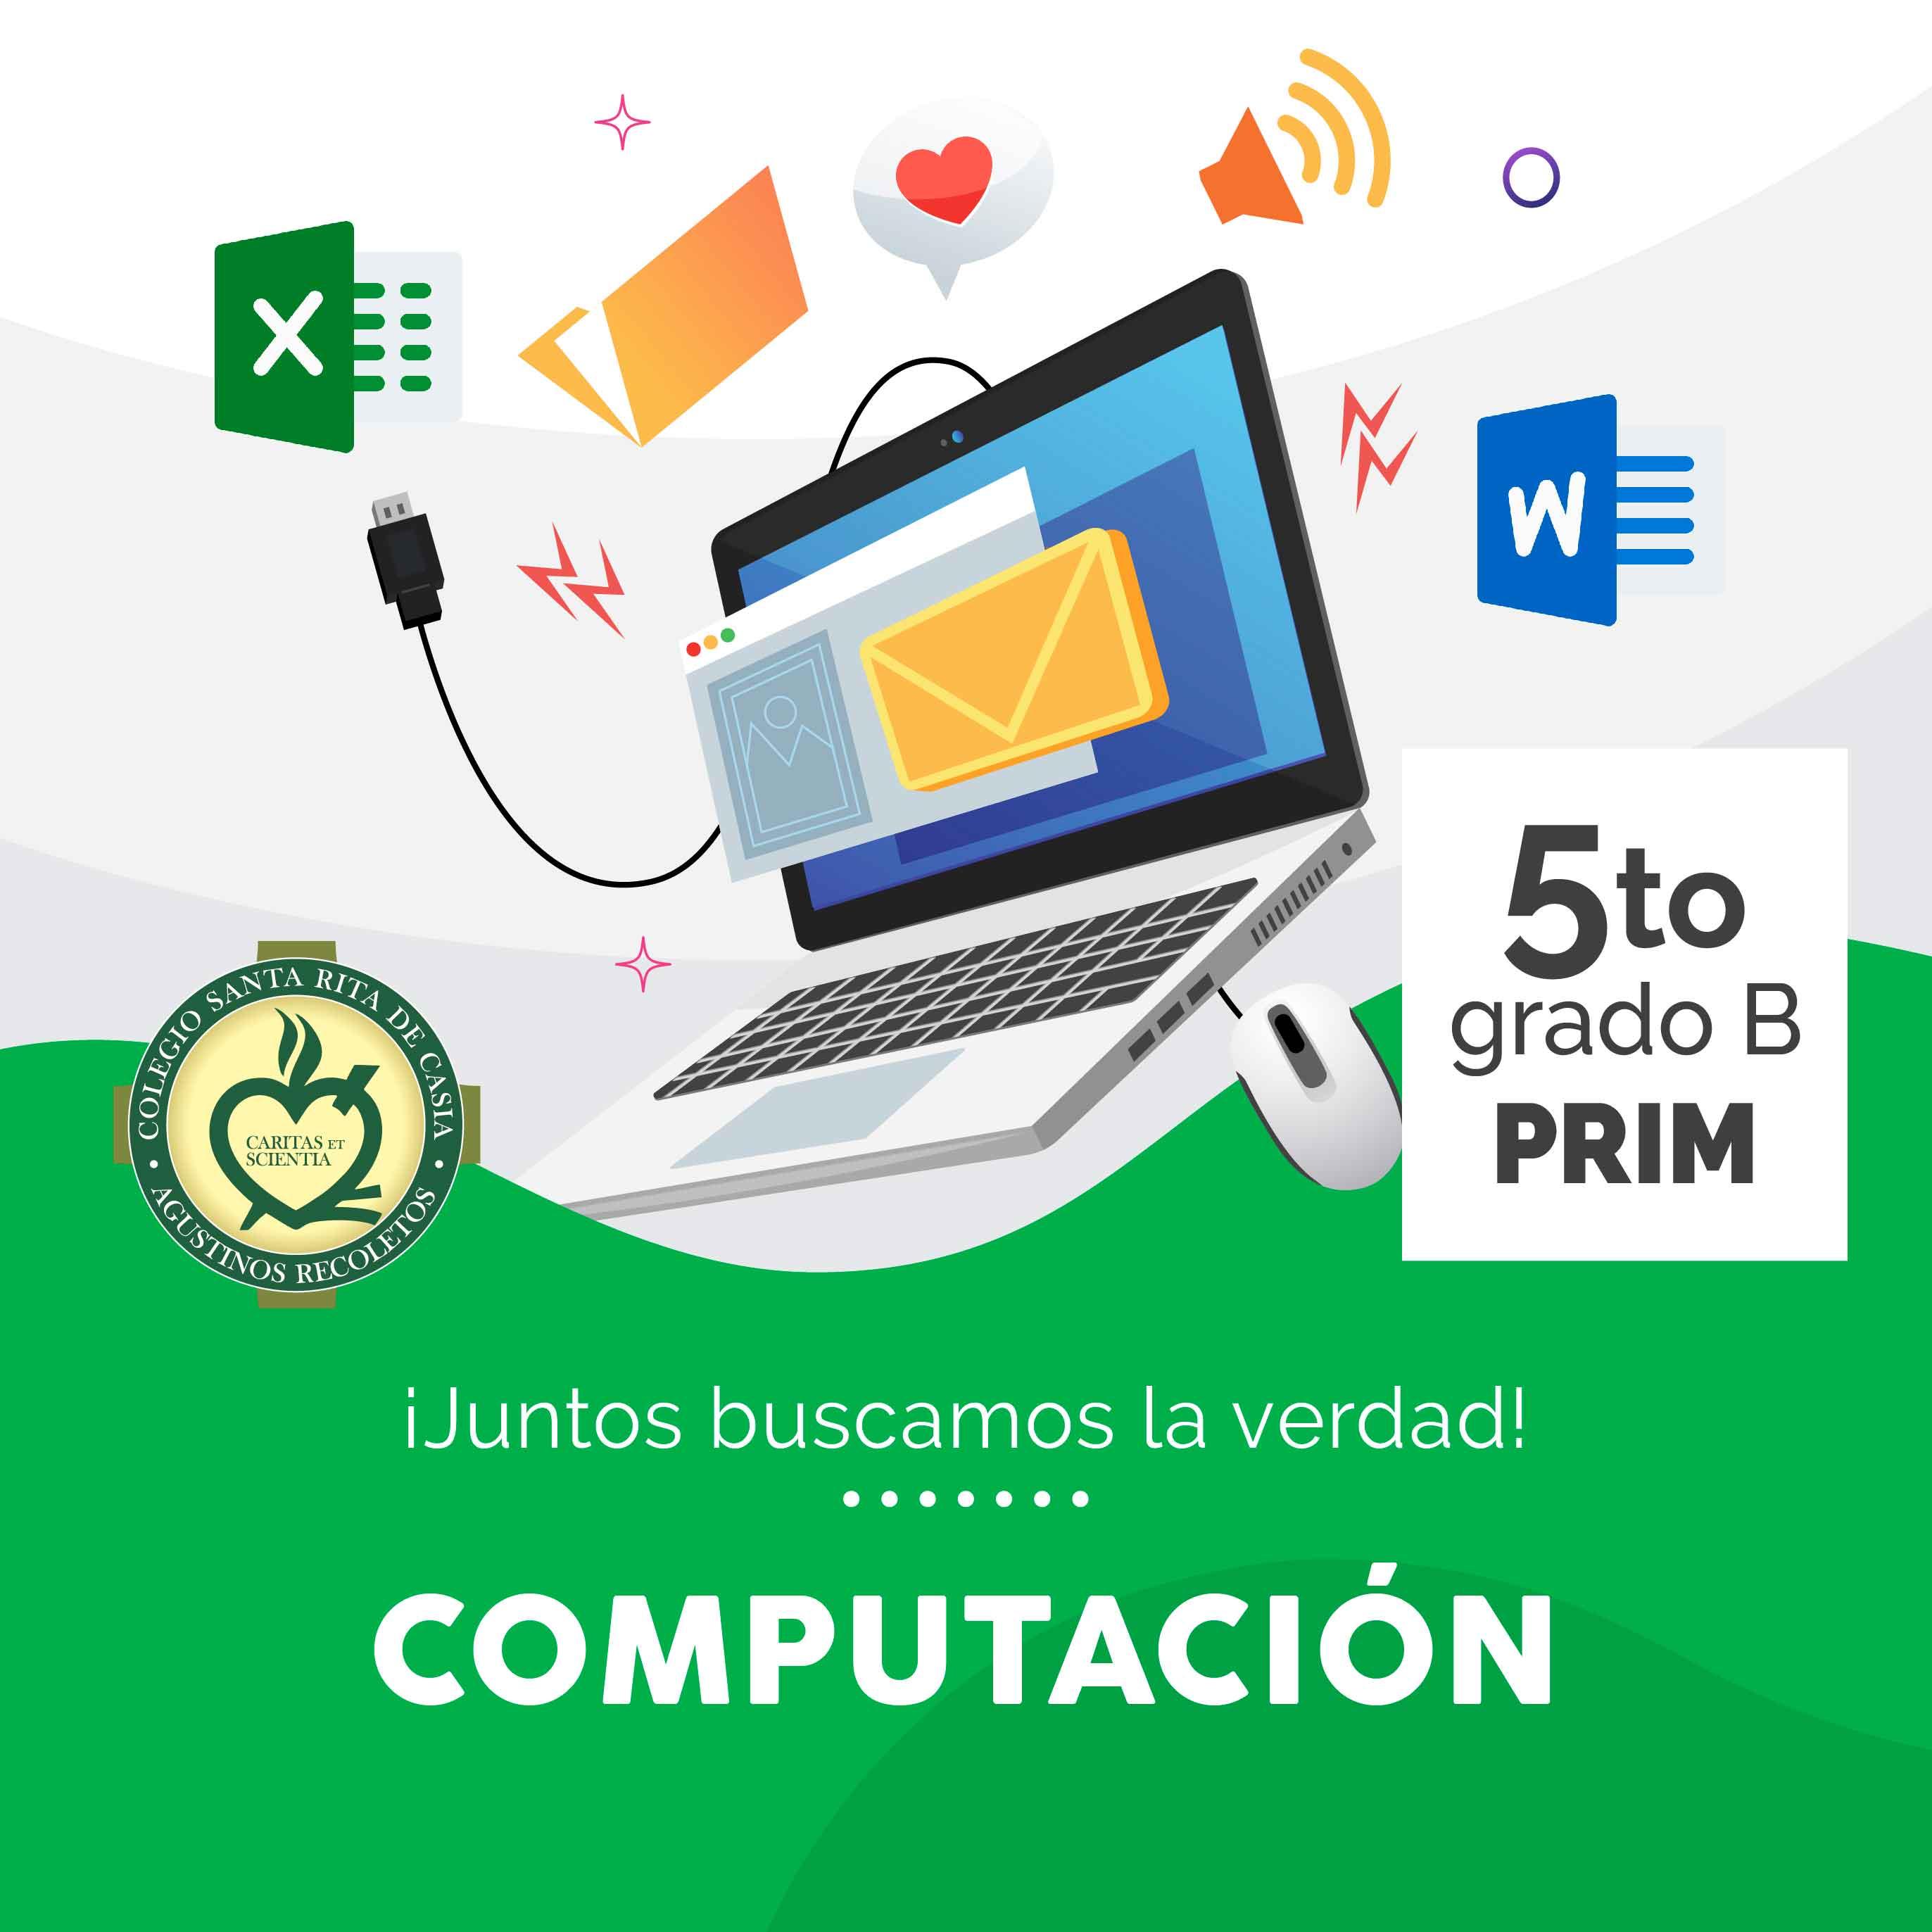 Computación 5to Grado B